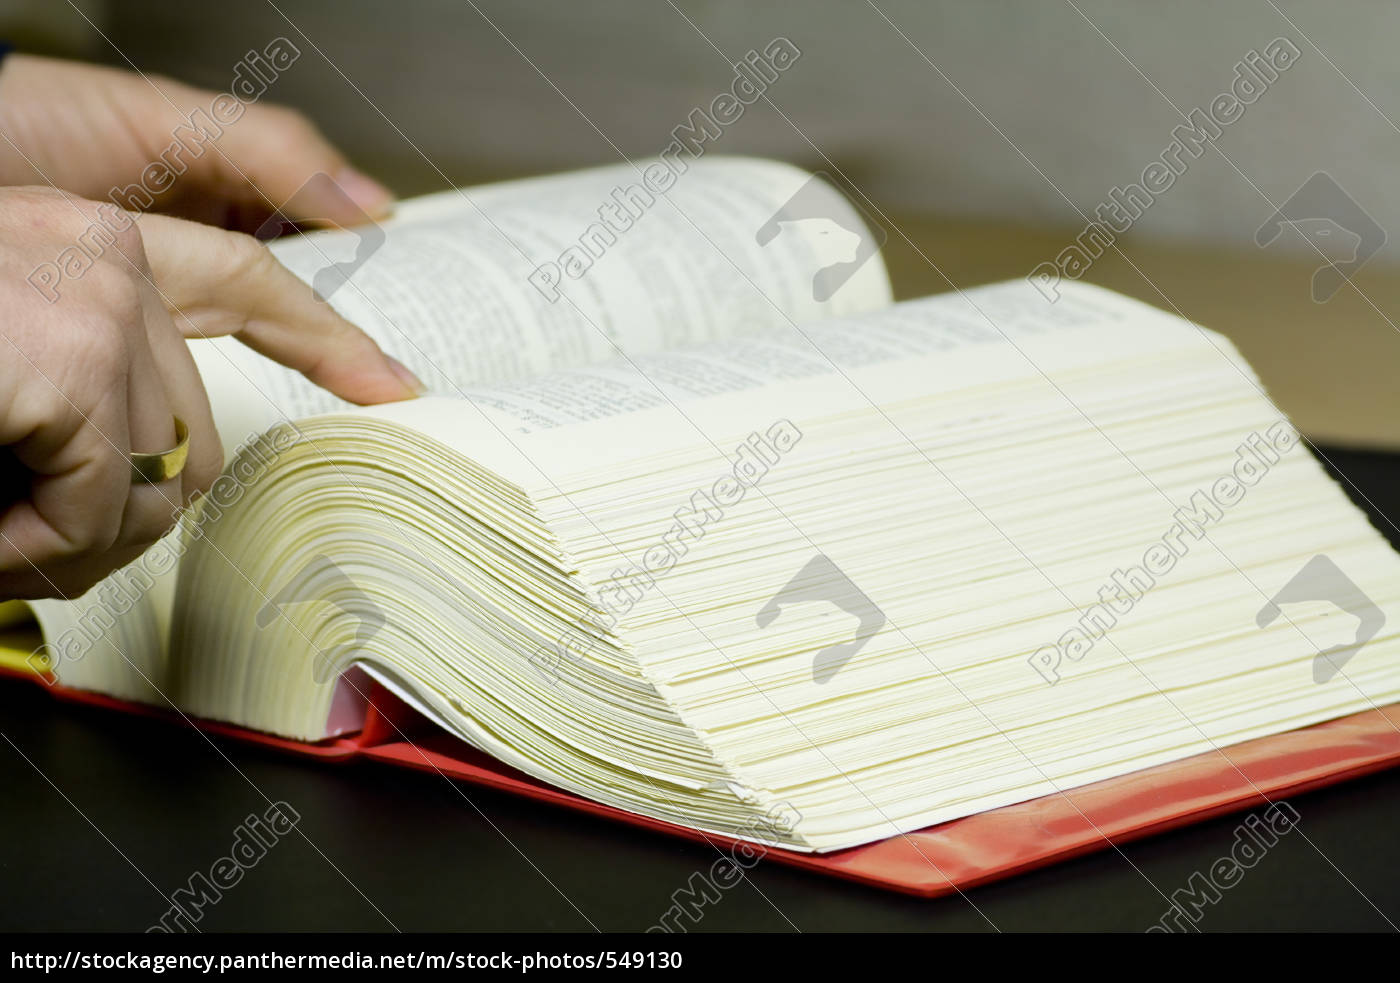 legislative, texts - 549130